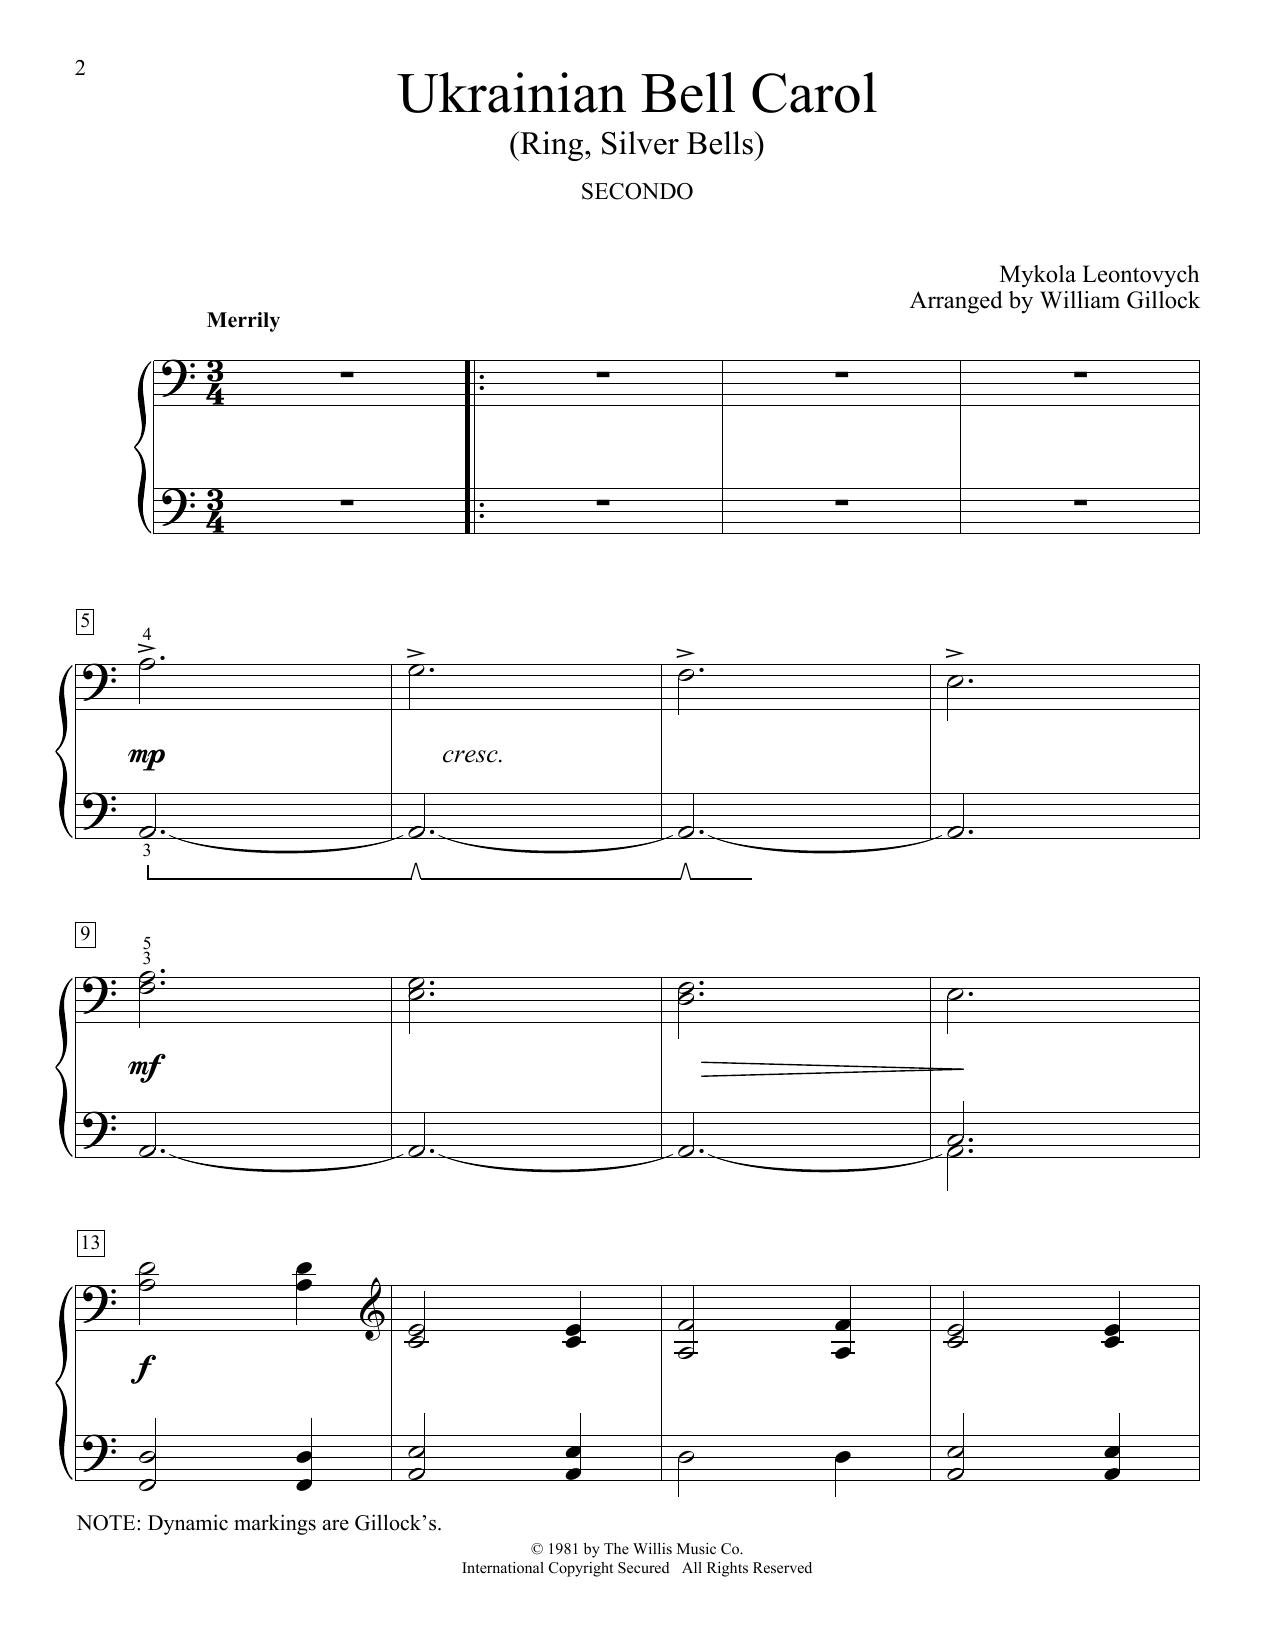 Ukrainian Bell Carol (Ring, Silver Bells) (Piano Duet)